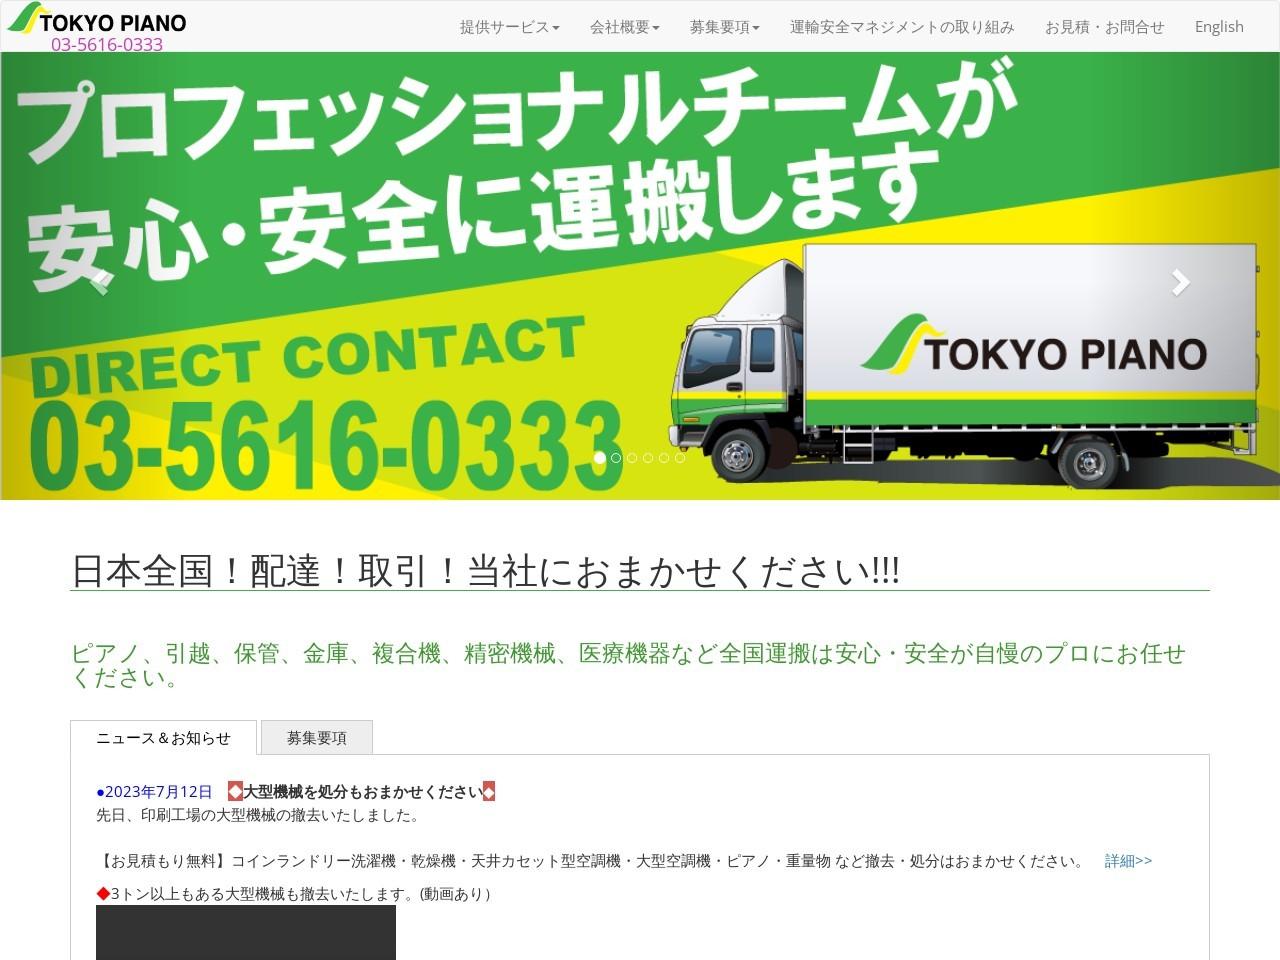 東京ピアノ運送株式会社